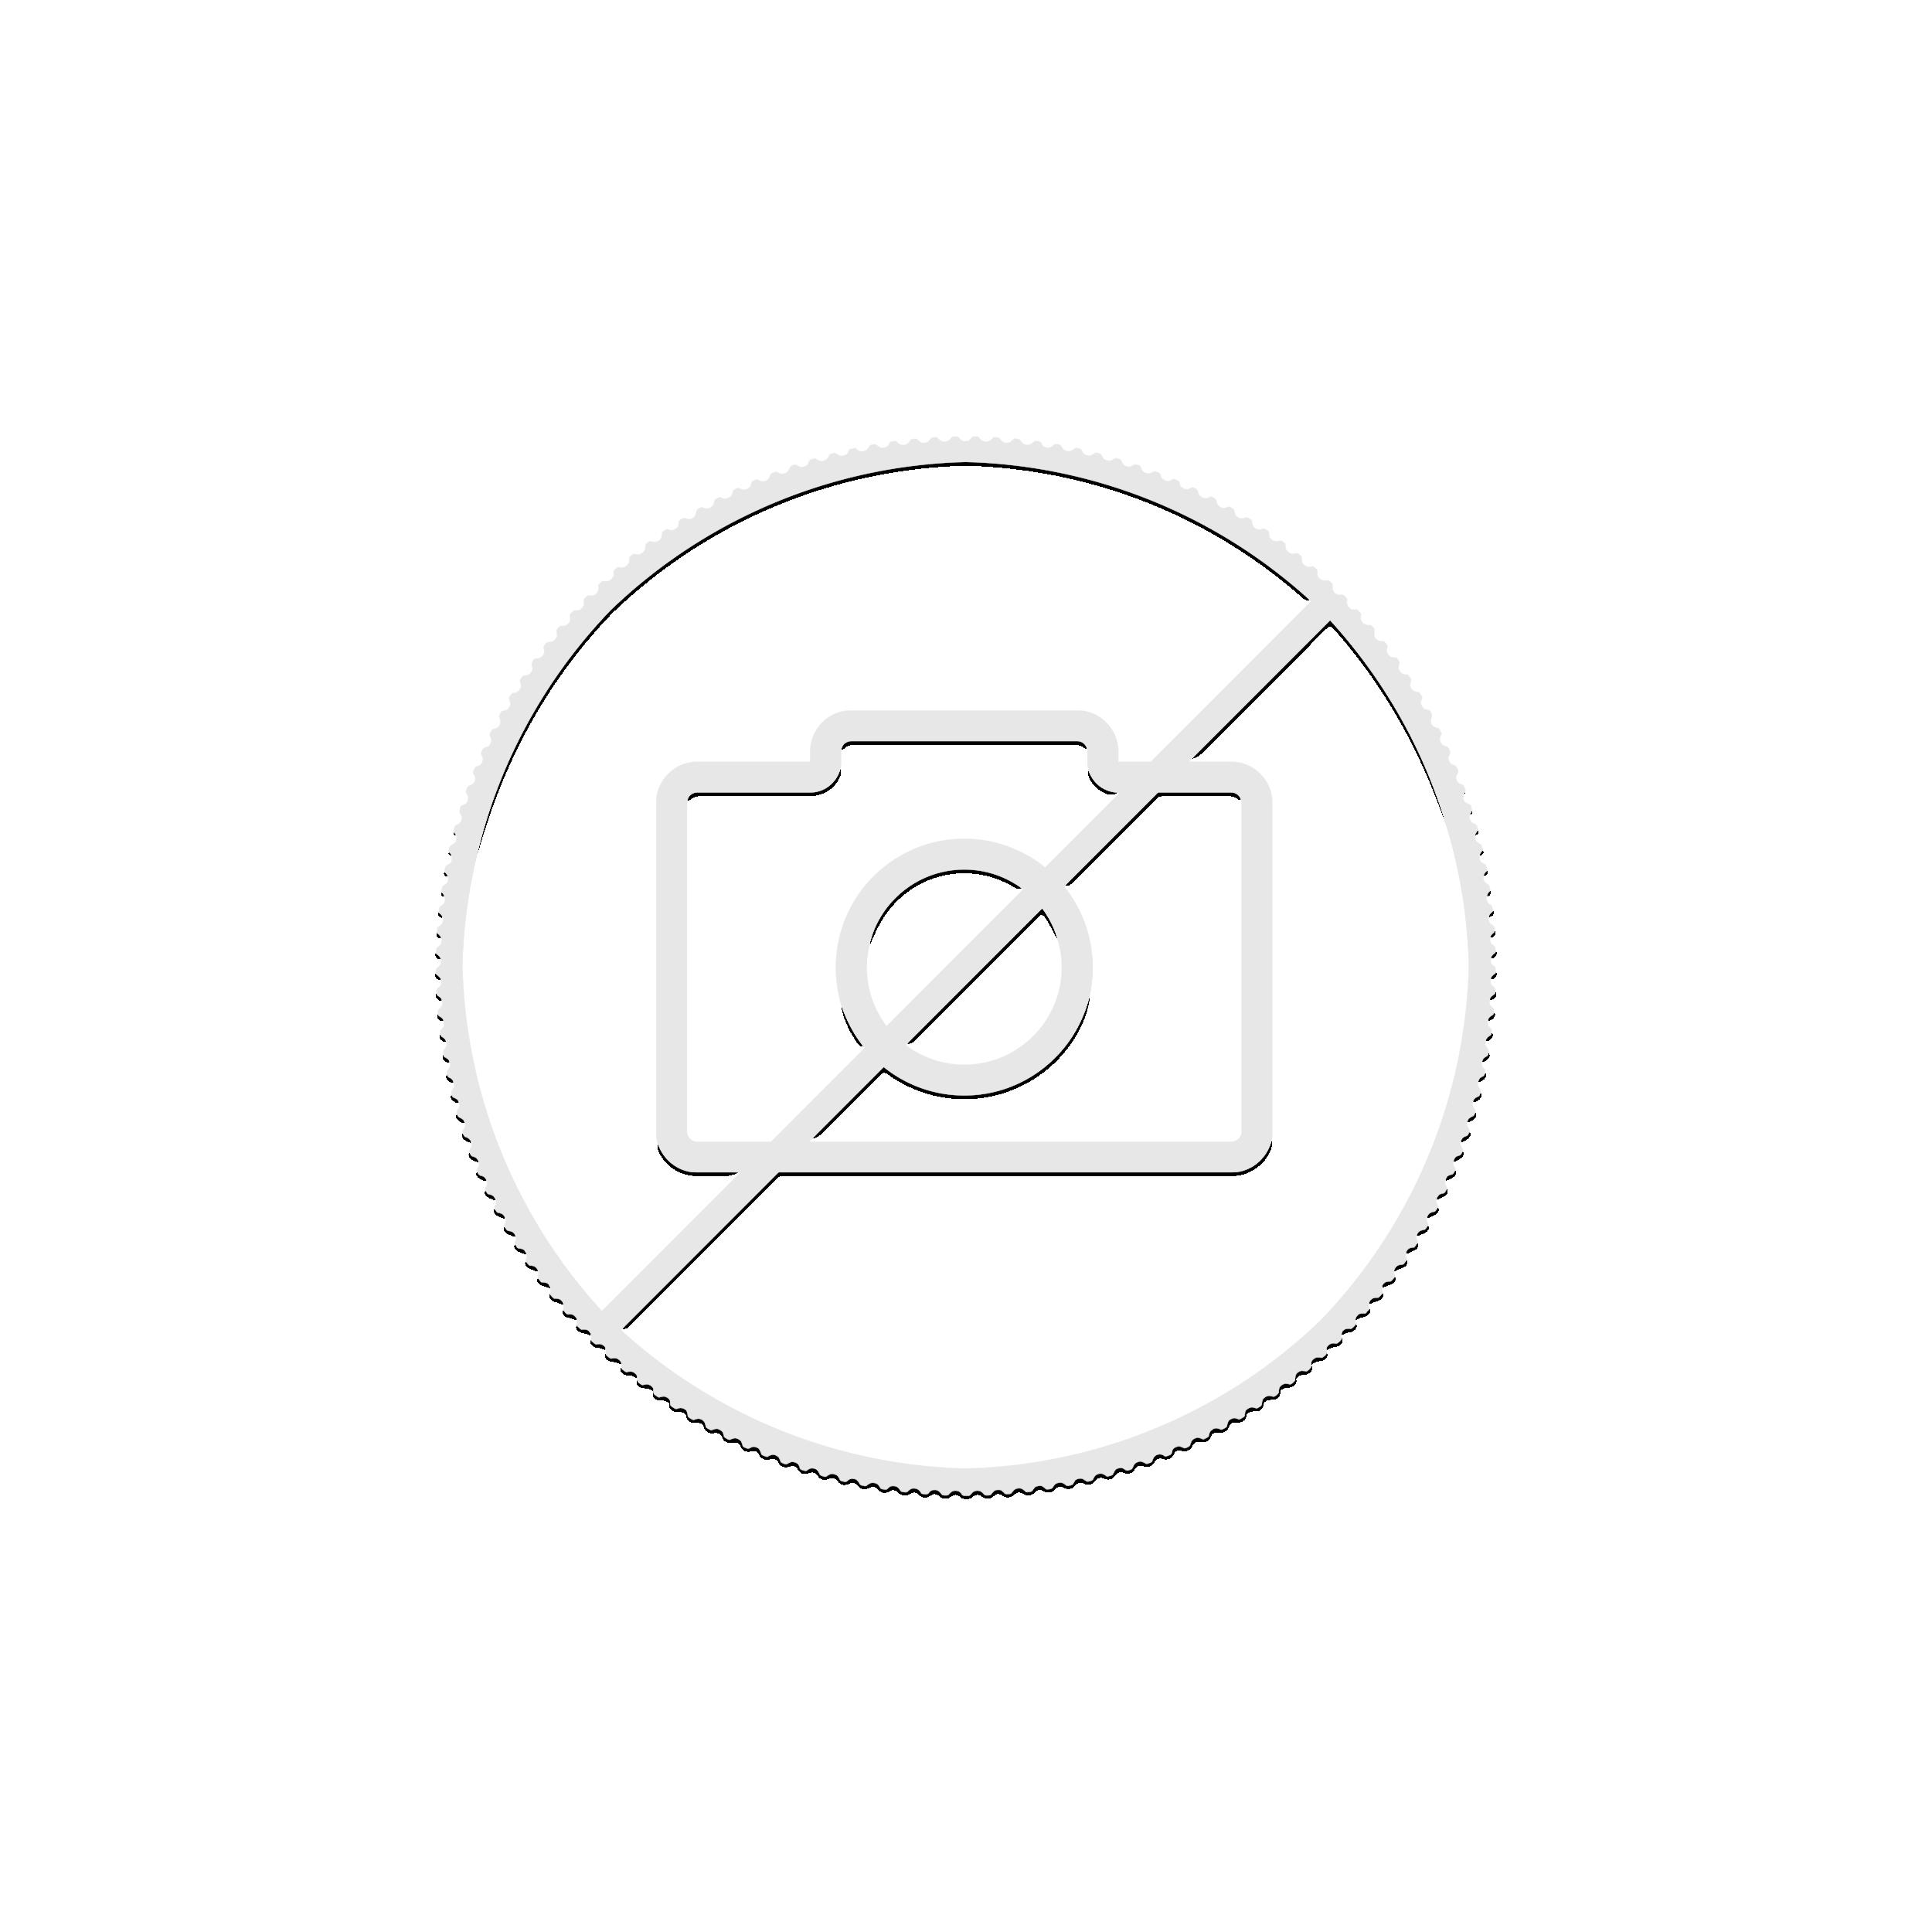 1/4 Troy ounce gold coin Lunar 2000